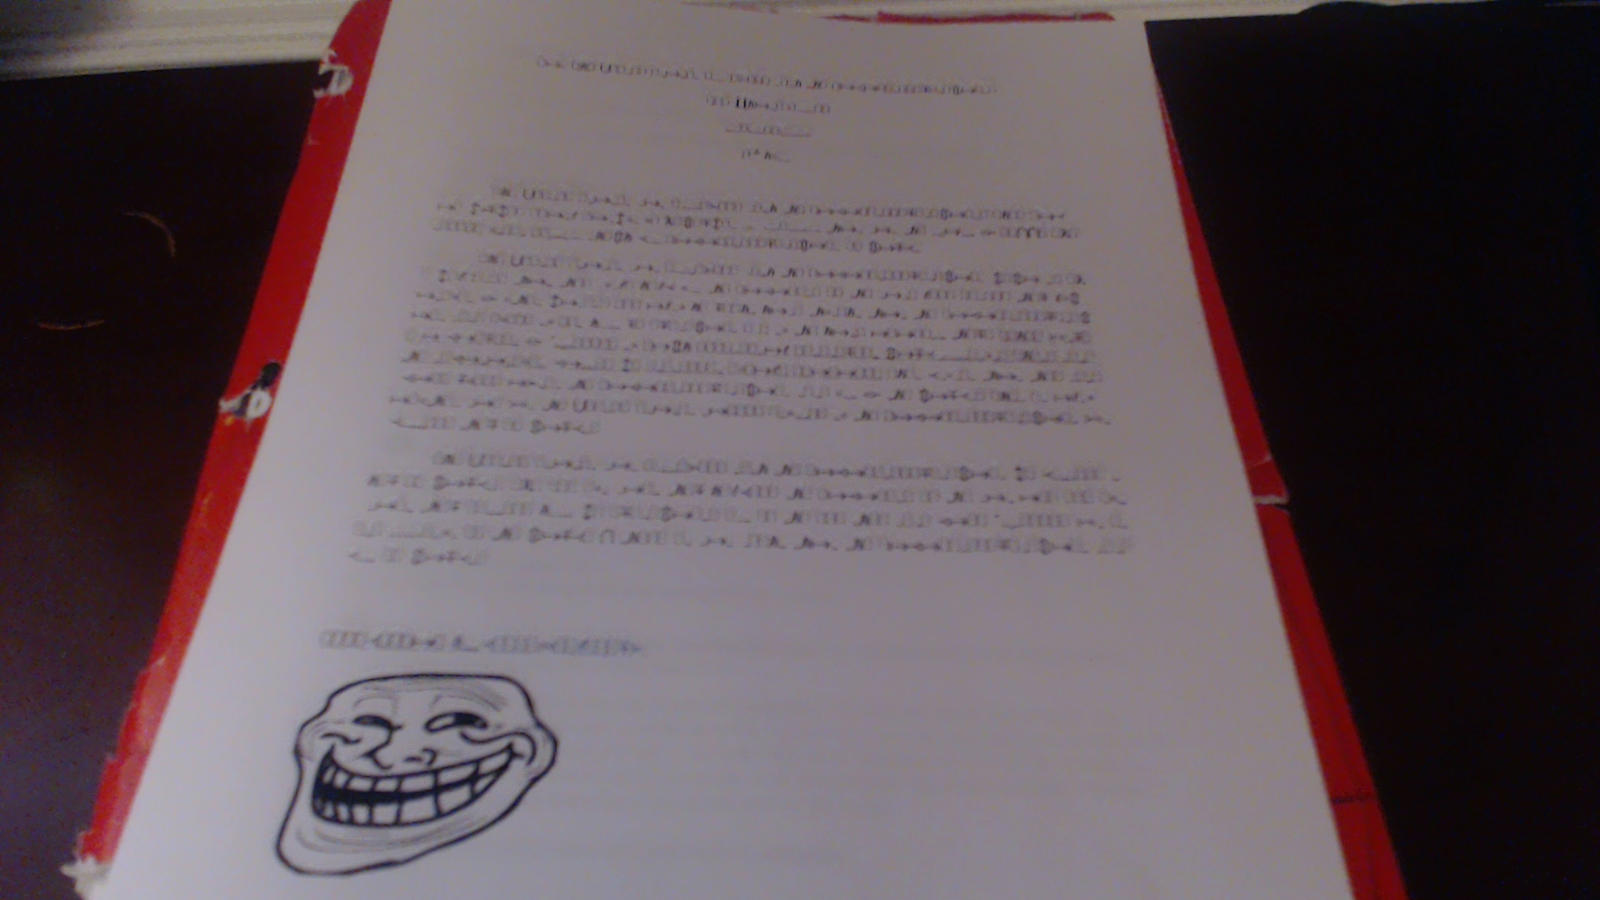 art and society essay